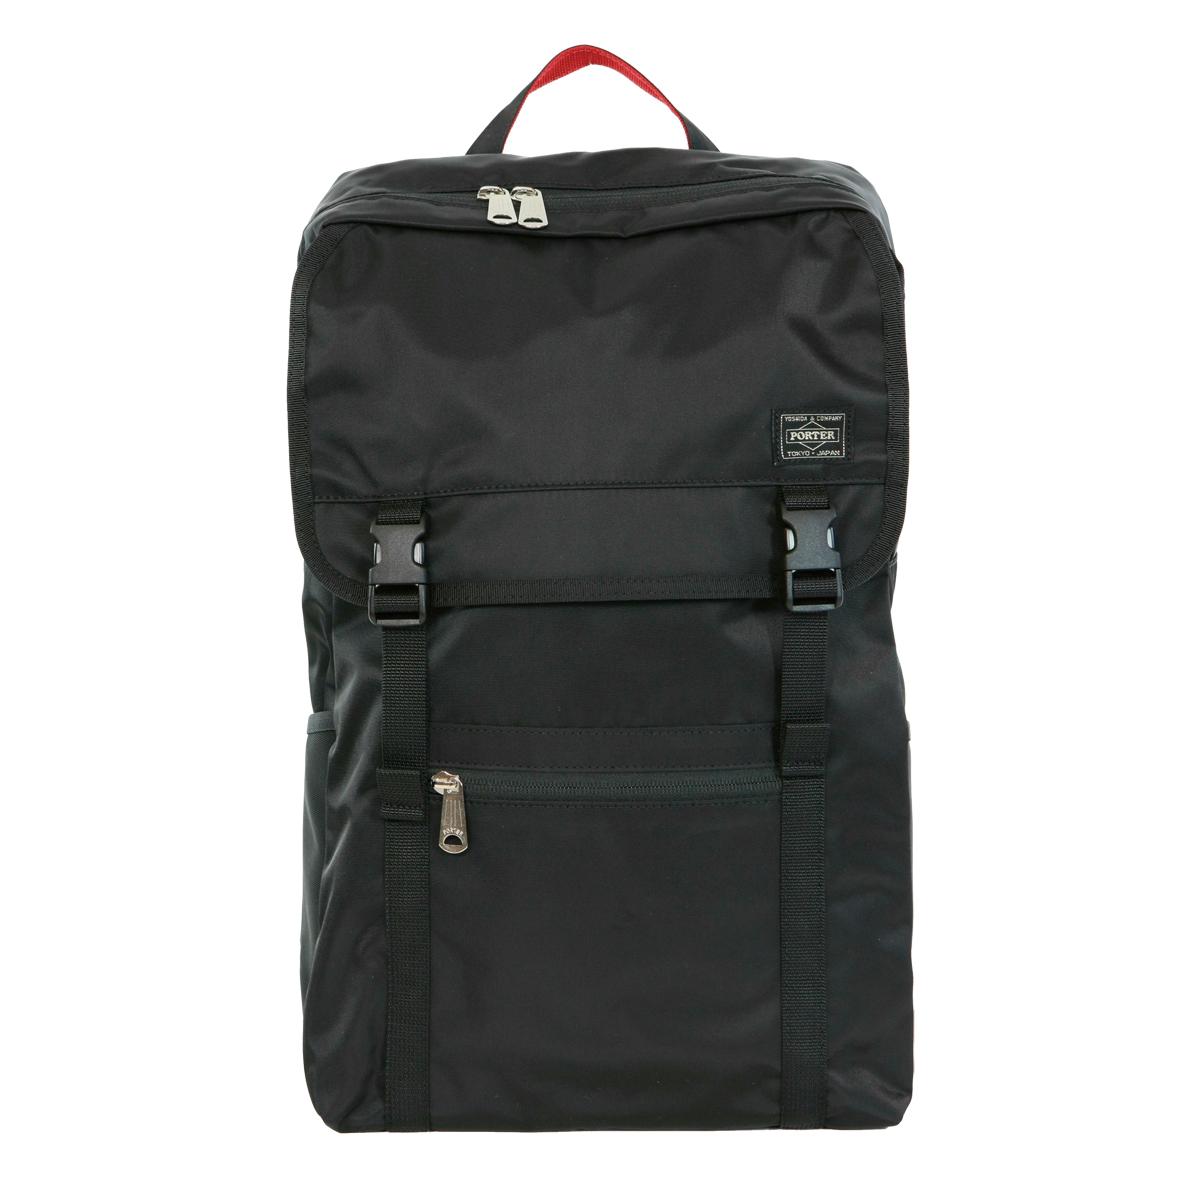 ポーター エルファイン 【PORTER L-fine】PORTER ILS共同企画 バックパック Backpack【LYD383-18123】 ブラック 裏地=レッド Black Backing=Red【送料無料】 黒赤 赤黒 赤 黒